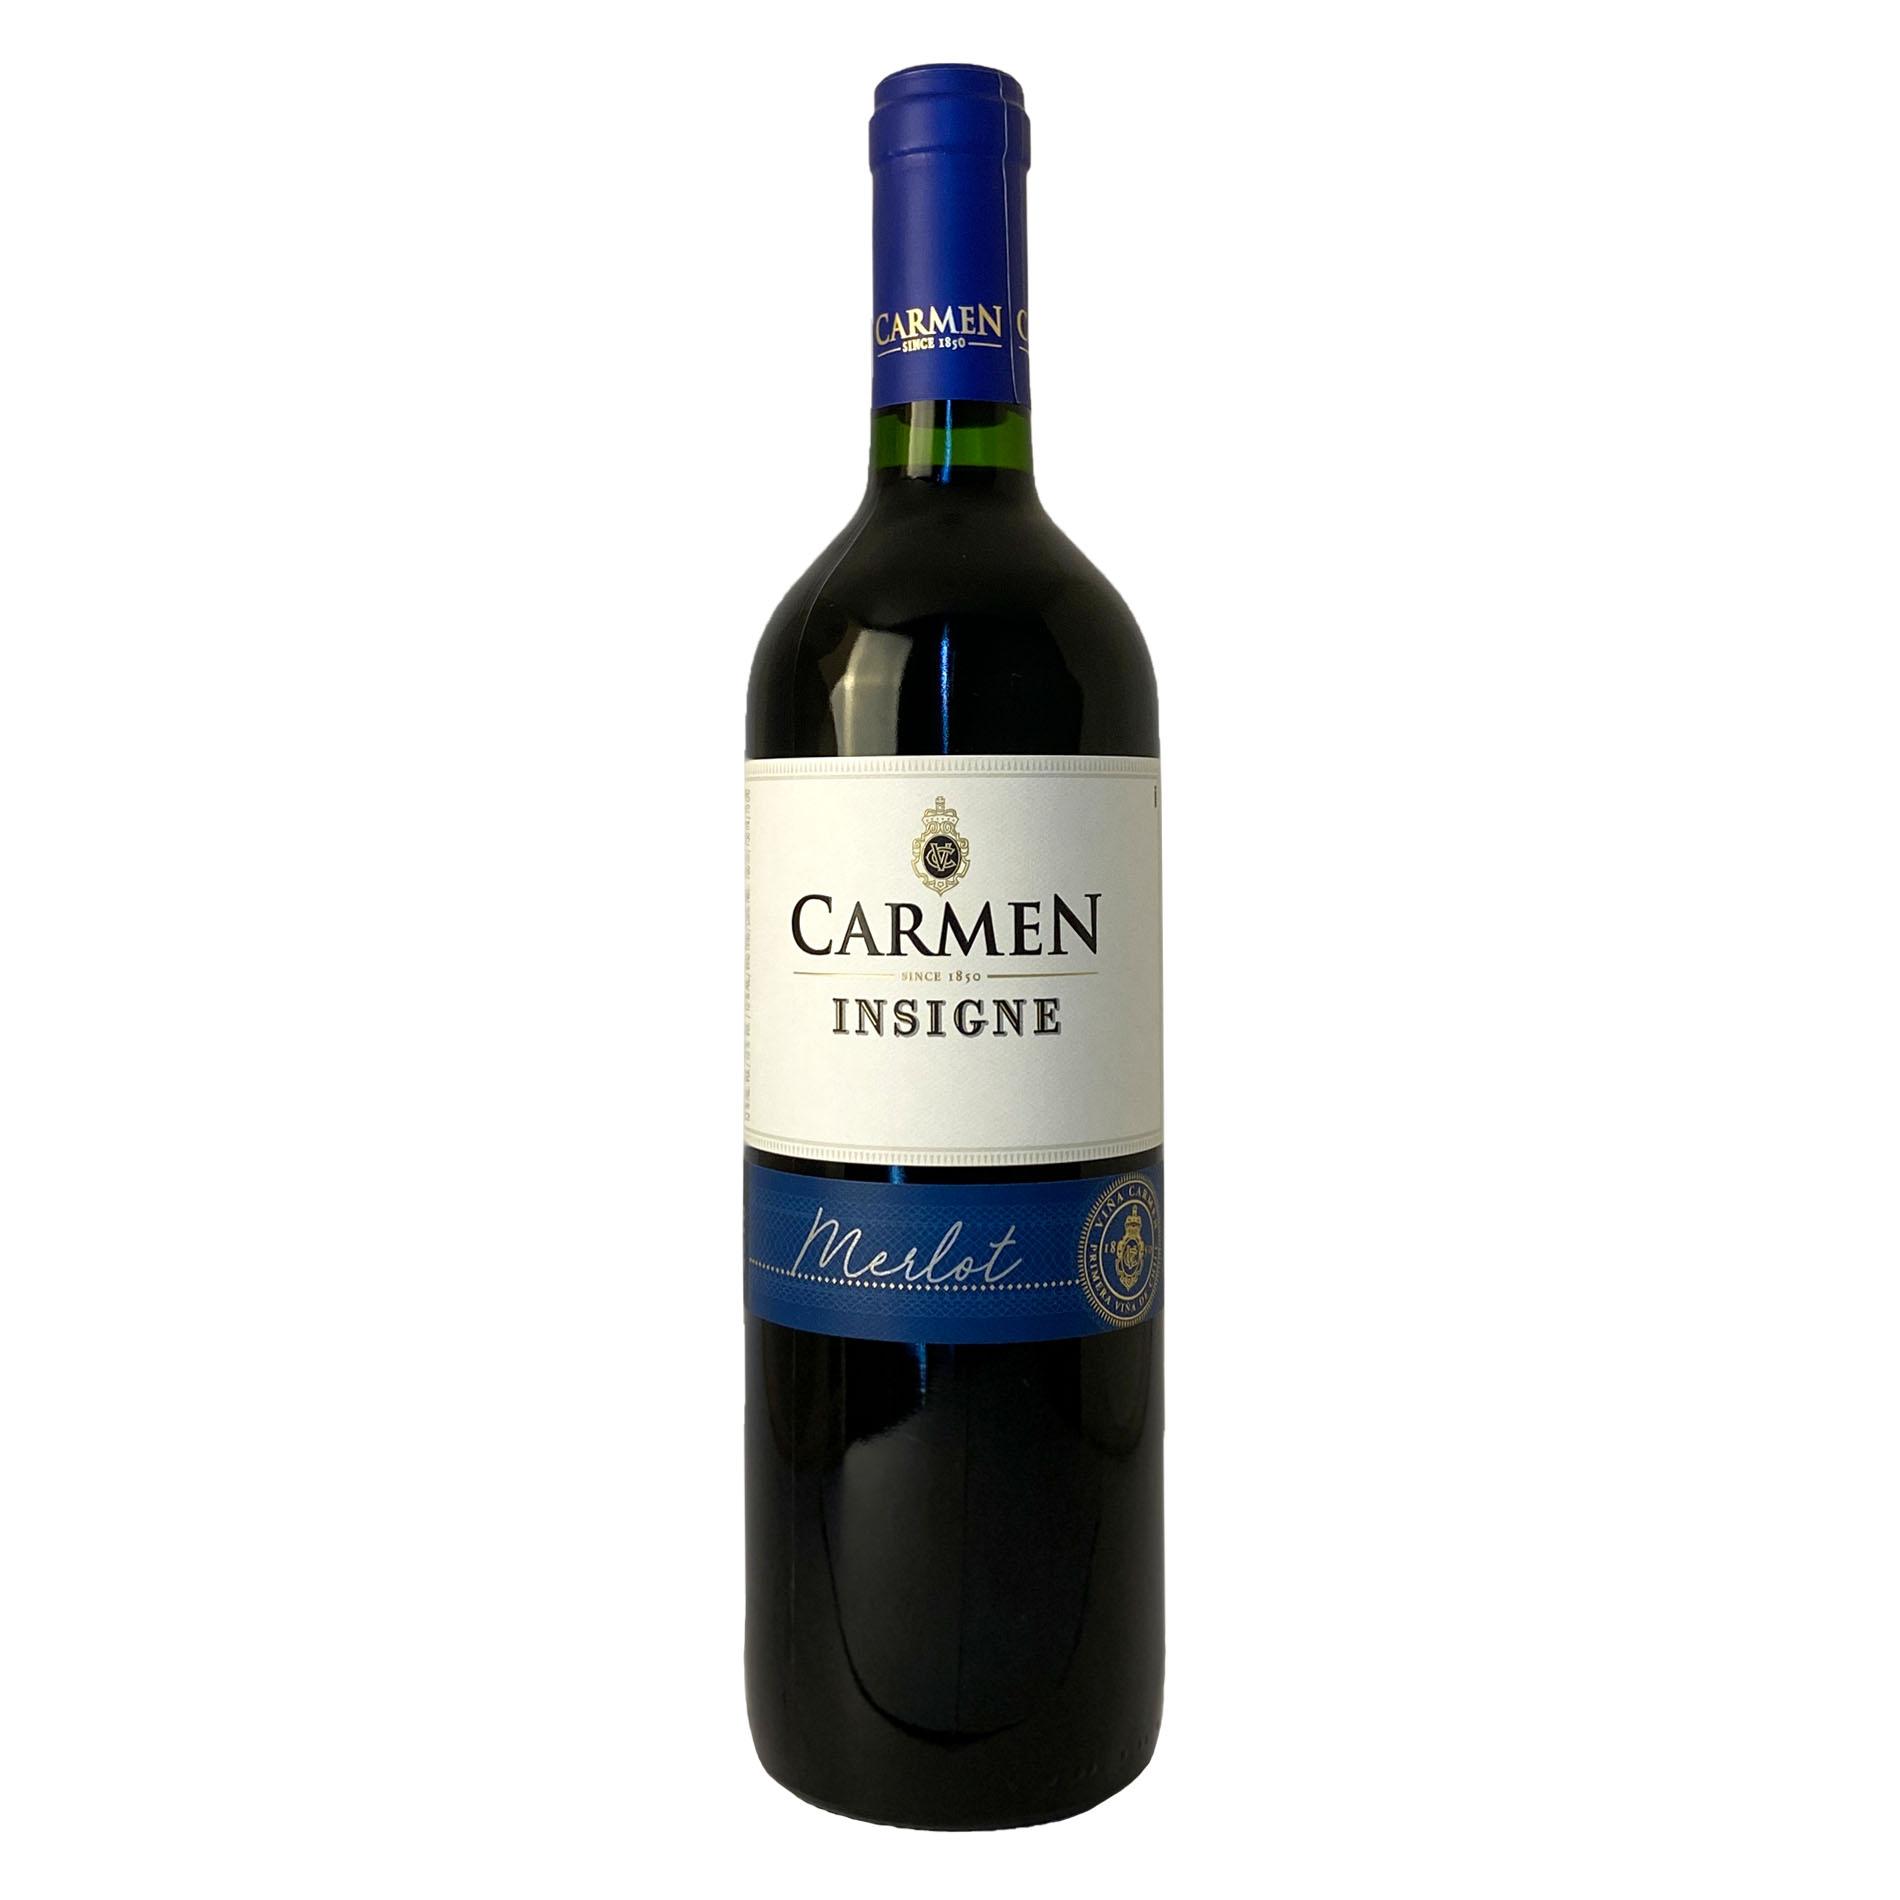 Carmen Insigne Merlot  - Vinerize